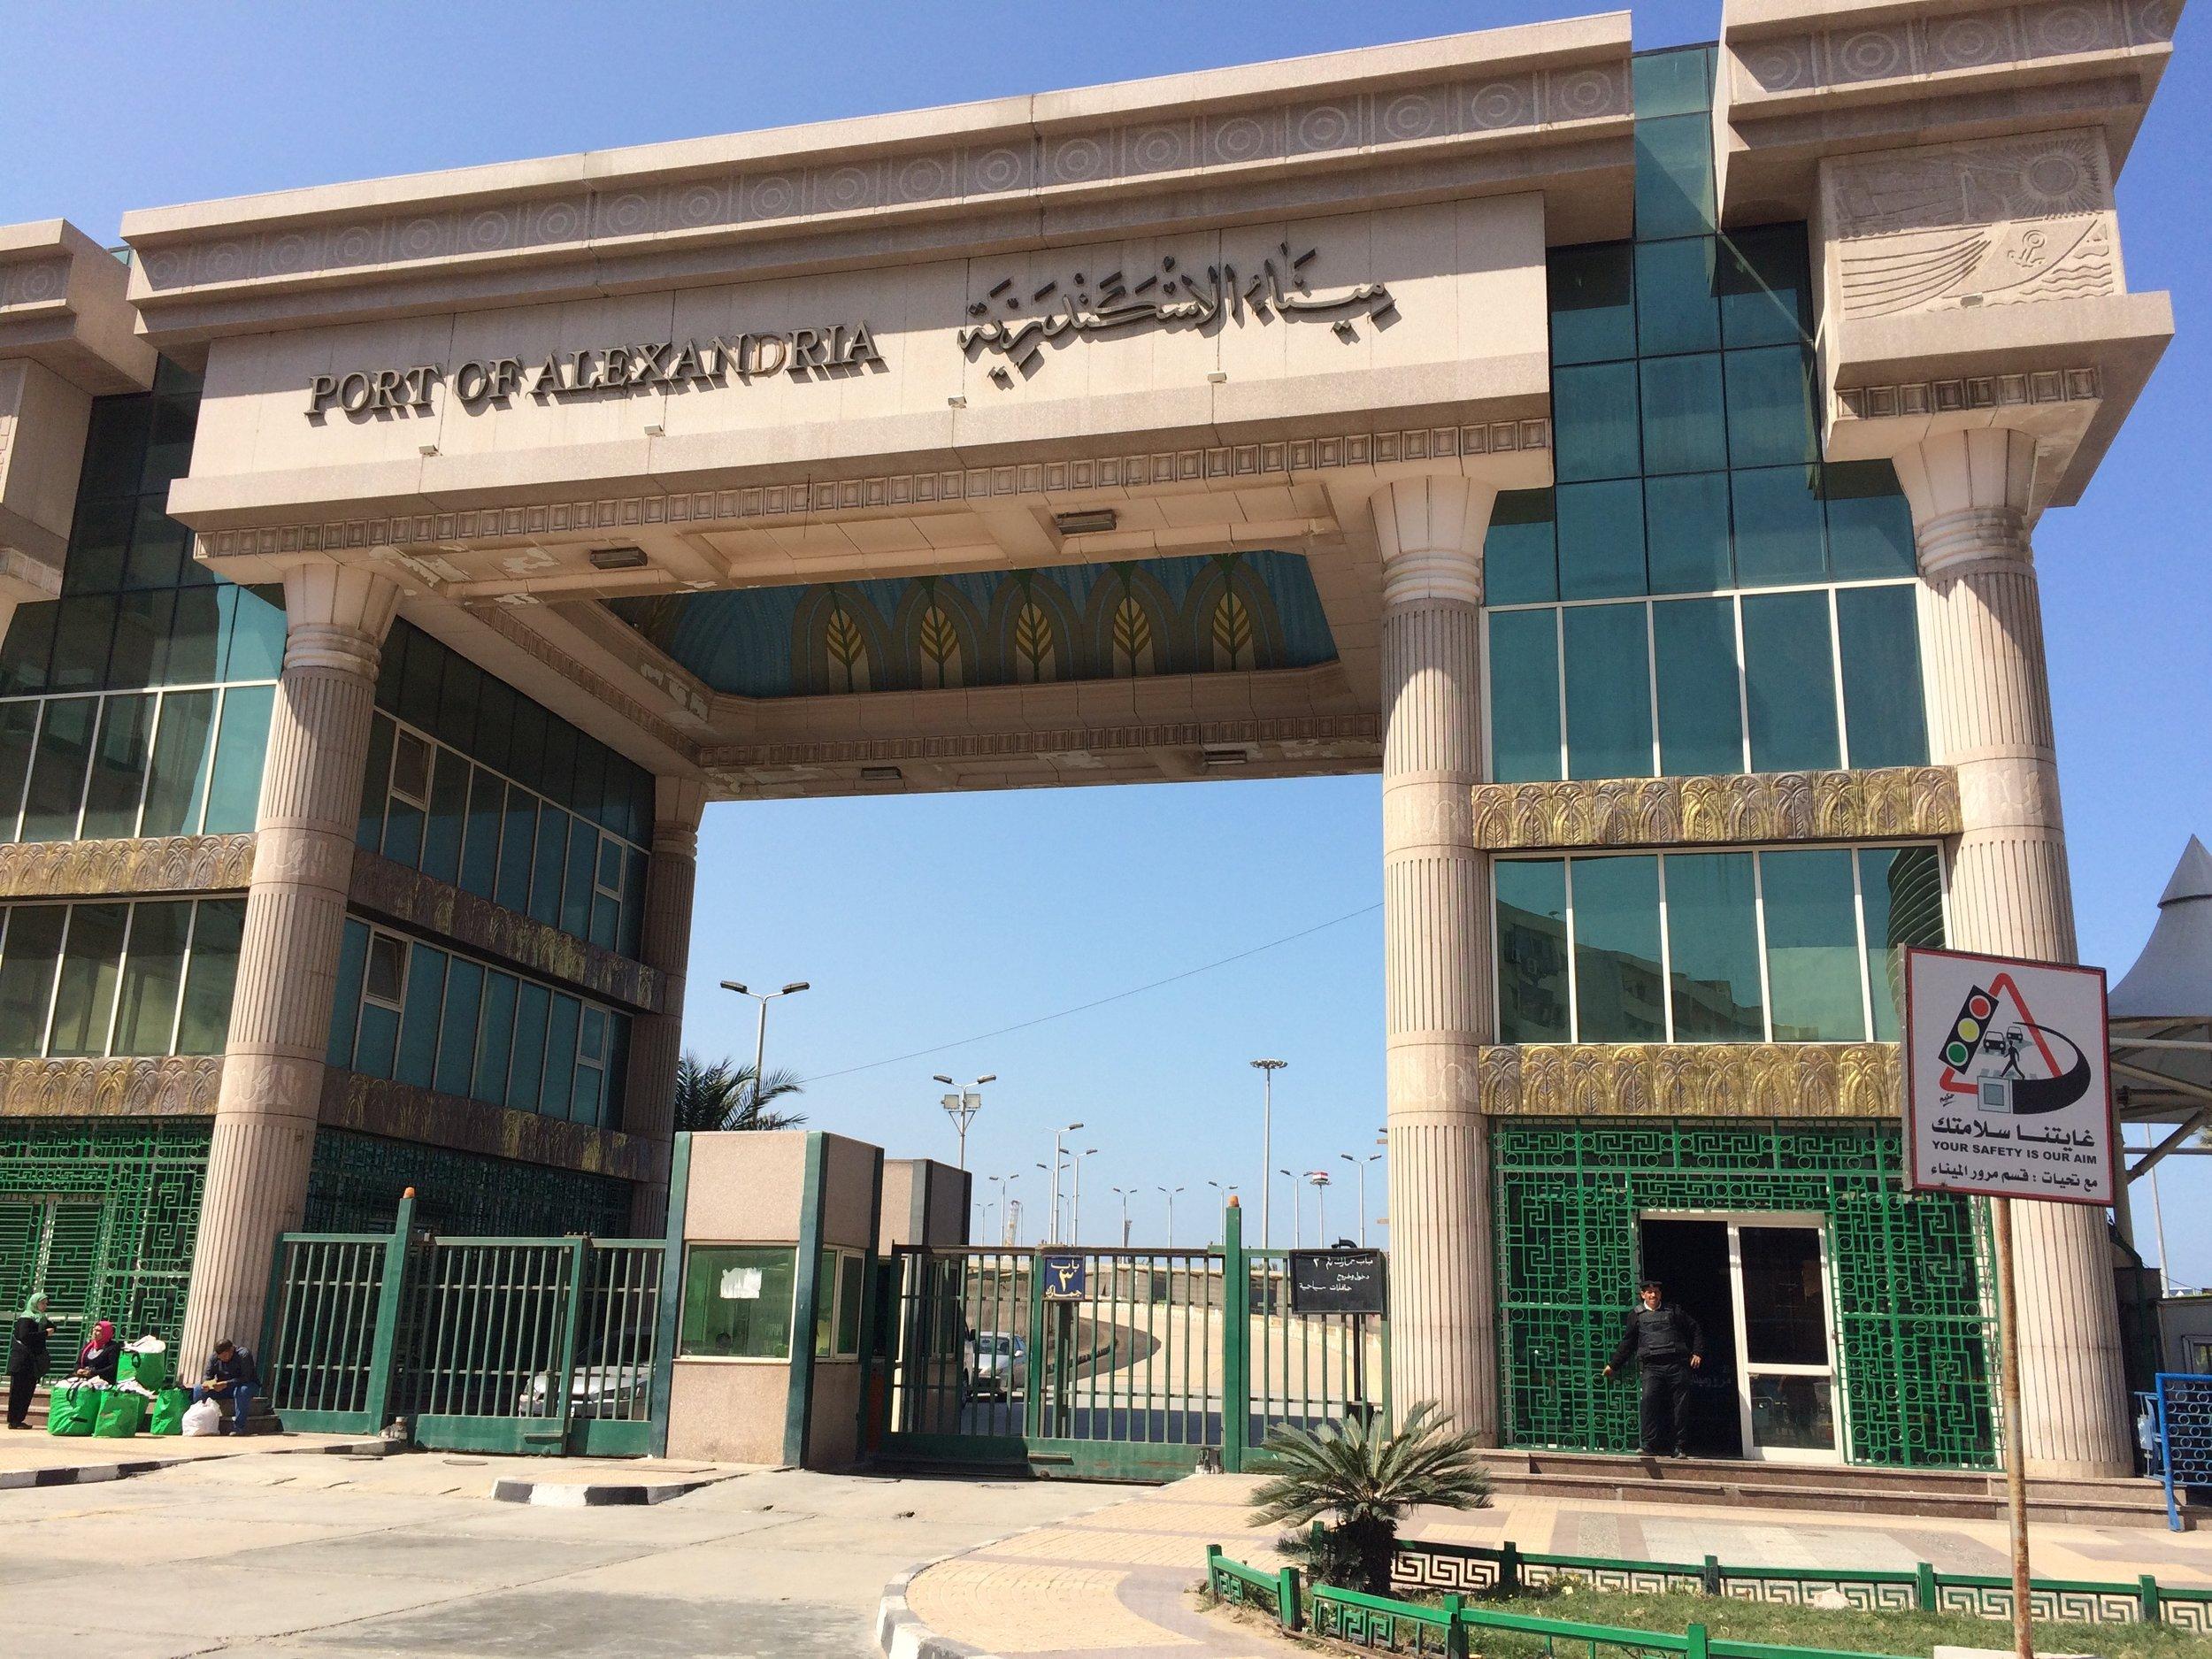 The port of Alexandria